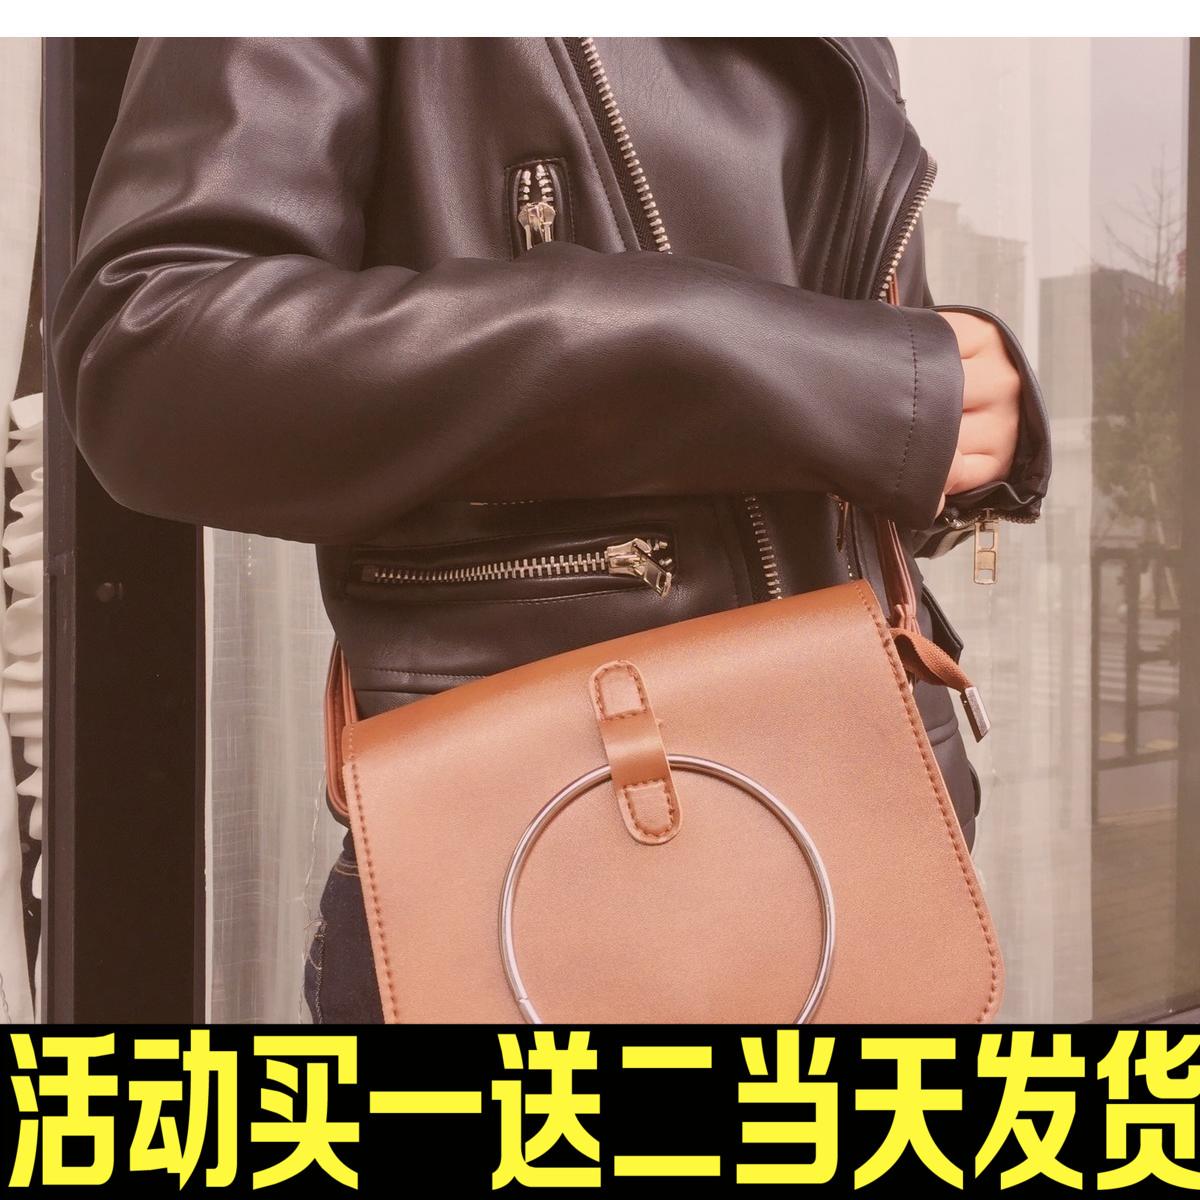 韩国2017新款圆铁环时尚复古百搭潮流单肩斜挎迷你小方包包女